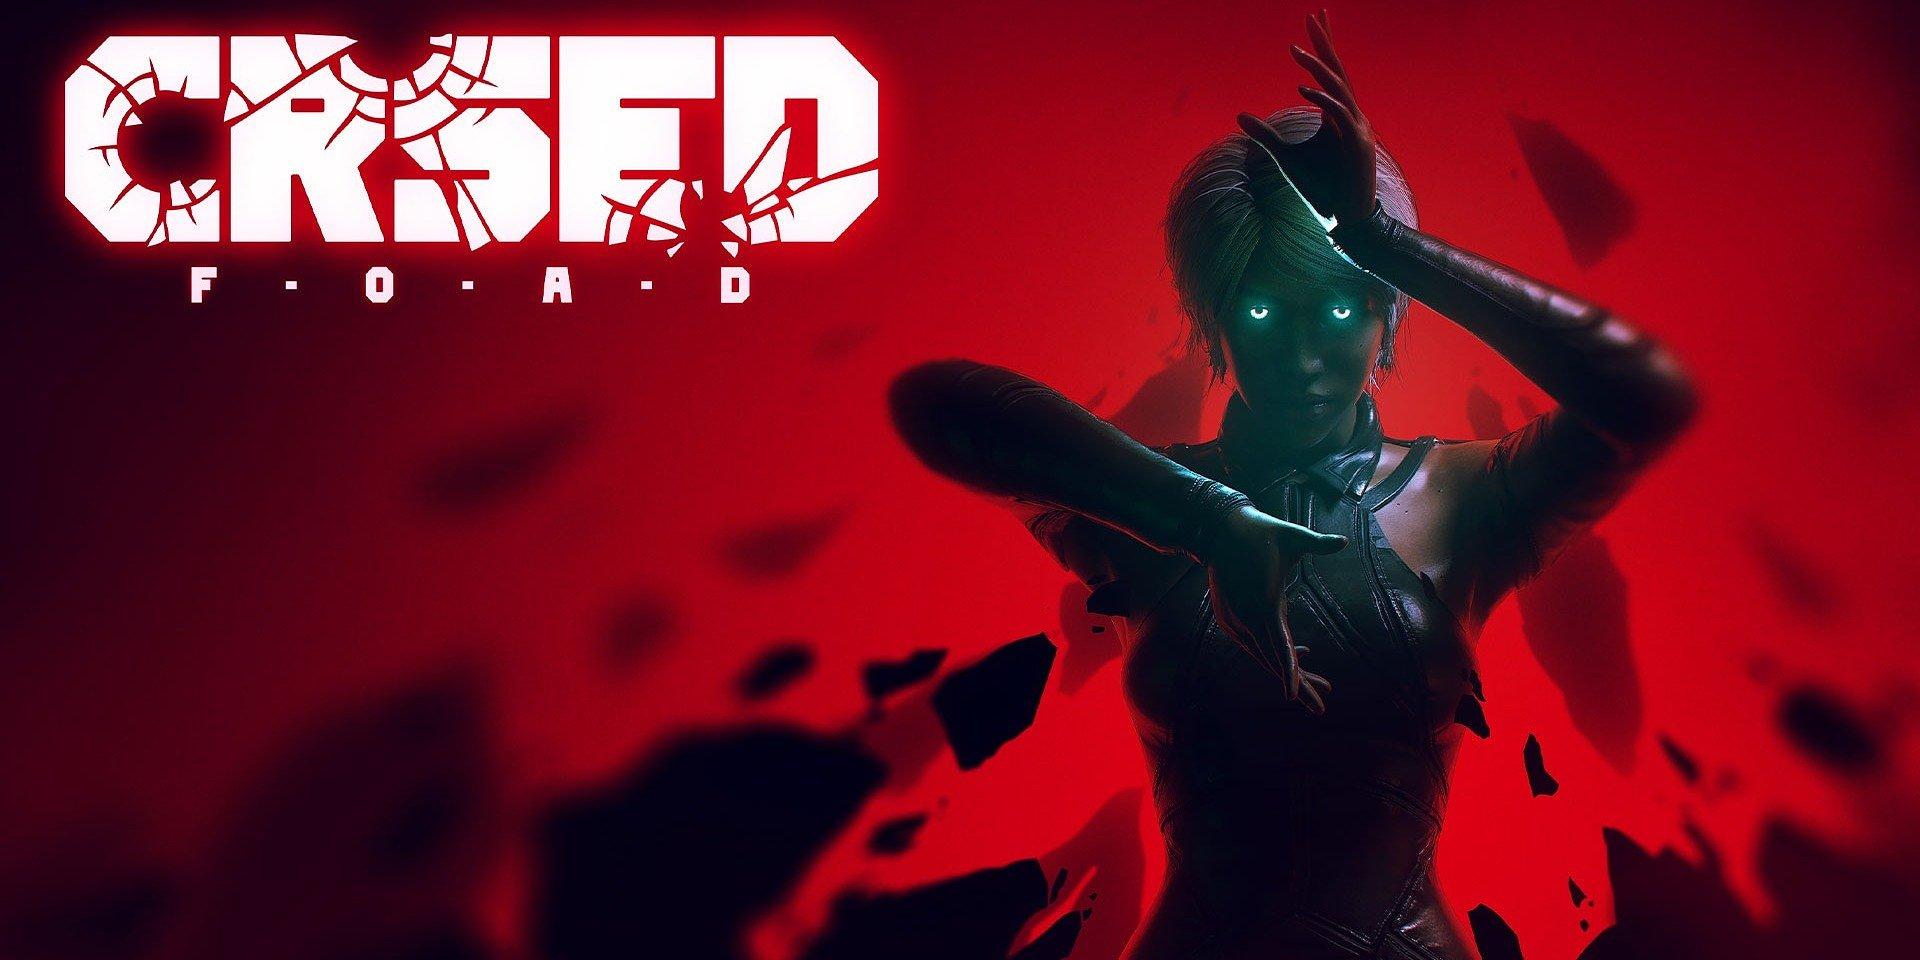 W CRSED: F.O.A.D. gracze sprawią, że skały będą latać, a zabójcze duchy powstaną z grobów